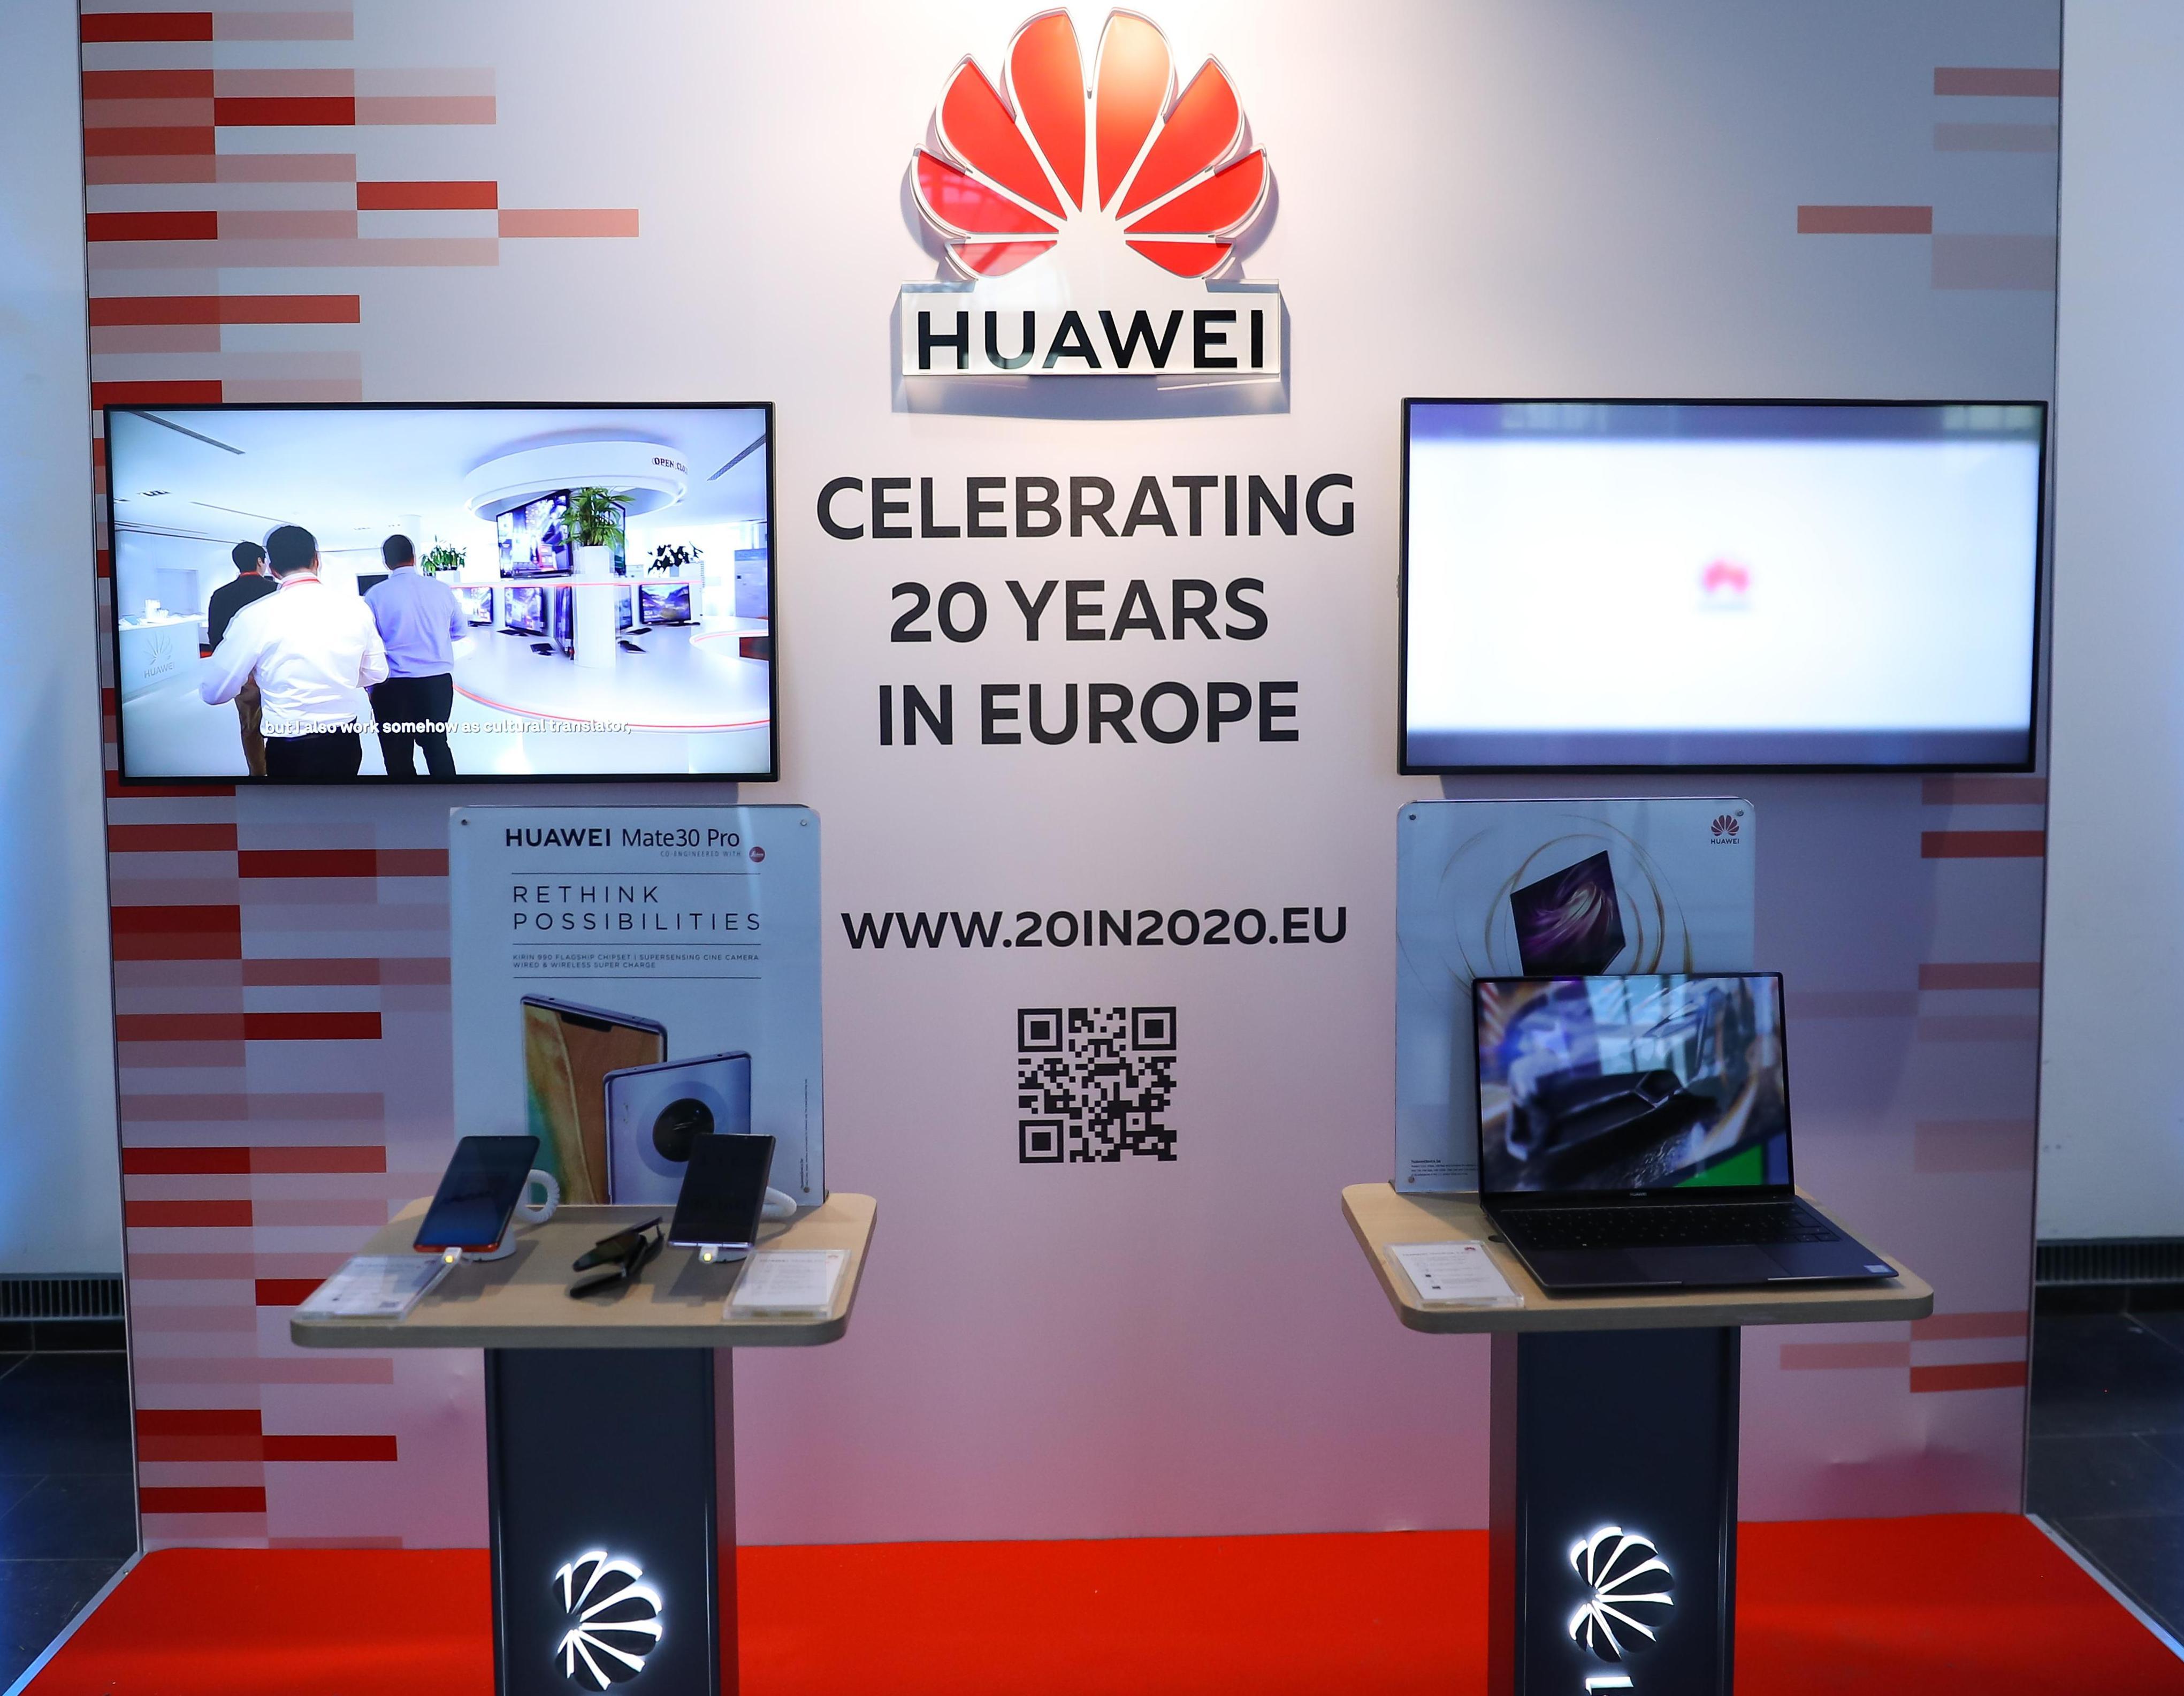 Các sản phẩm của Huawei được trưng bày tại Masters of Digital, một sự kiện thường niên dành cho các chuyên gia để thảo luận về tương lai của một châu Âu kỹ thuật số mạnh mẽ hơn, tại Brussels, Bỉ vào ngày 6/2/2020.